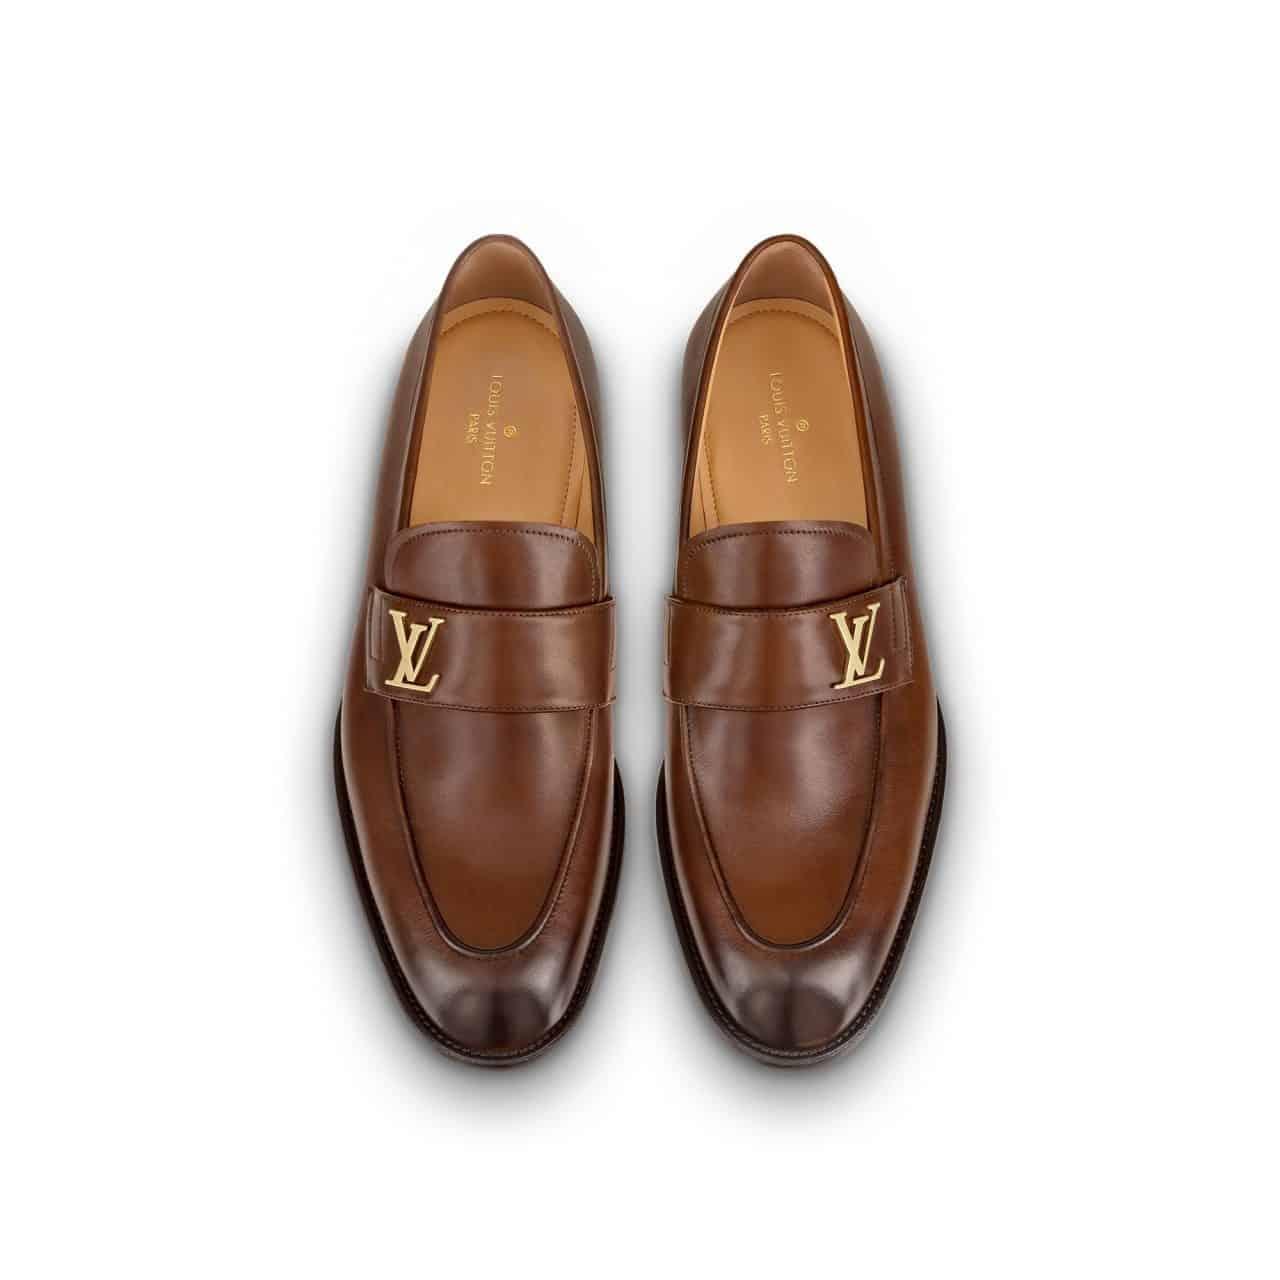 Louis Vuitton Saint Germain Loafer sự hòa trộn giữa kiểu dáng truyền thống và hiện đại